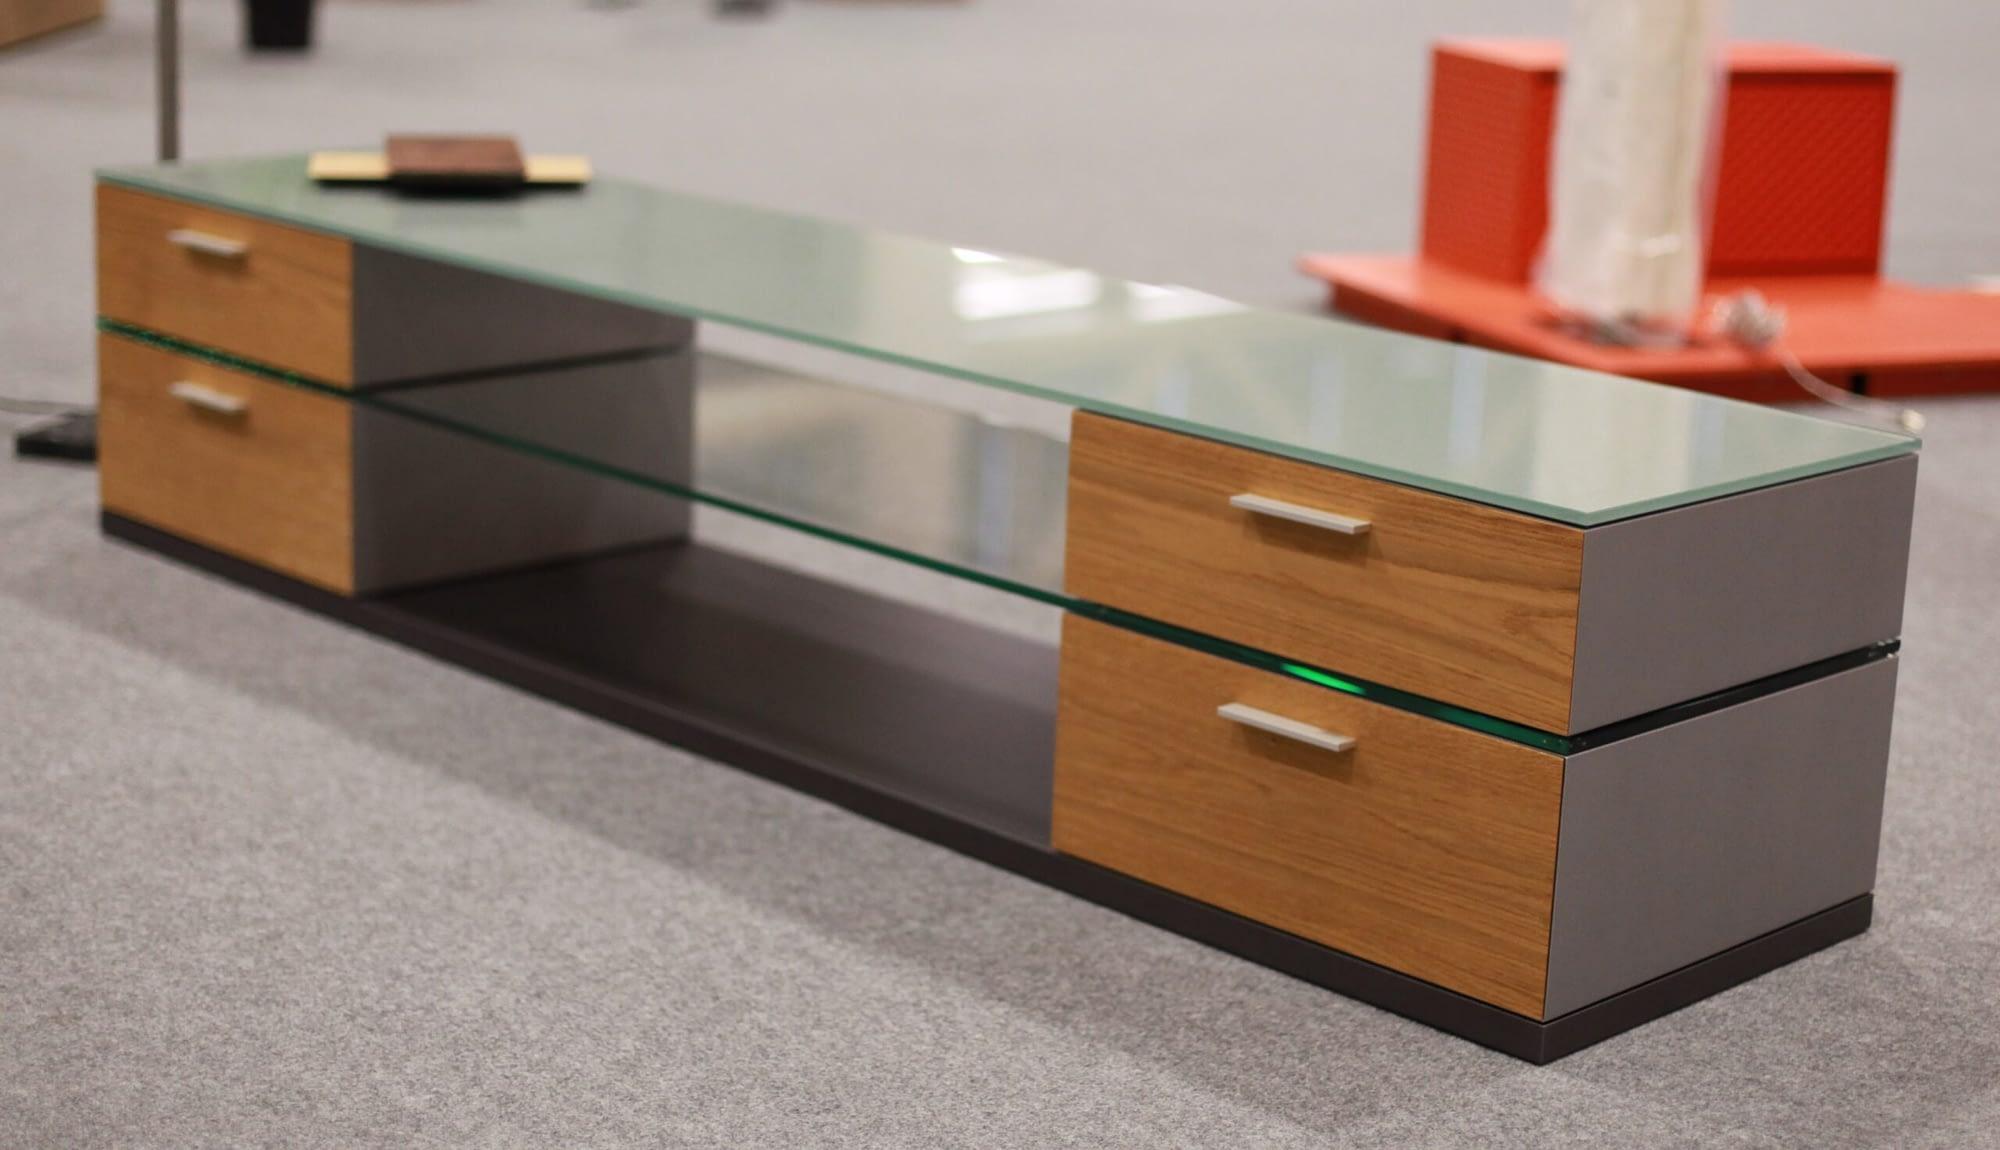 Ein Spezialprodukt der Hettich & Partner. Ein Fernsehmöbelchen, welches Schubladen auch Holz hat und darüber eine Glasscheibe